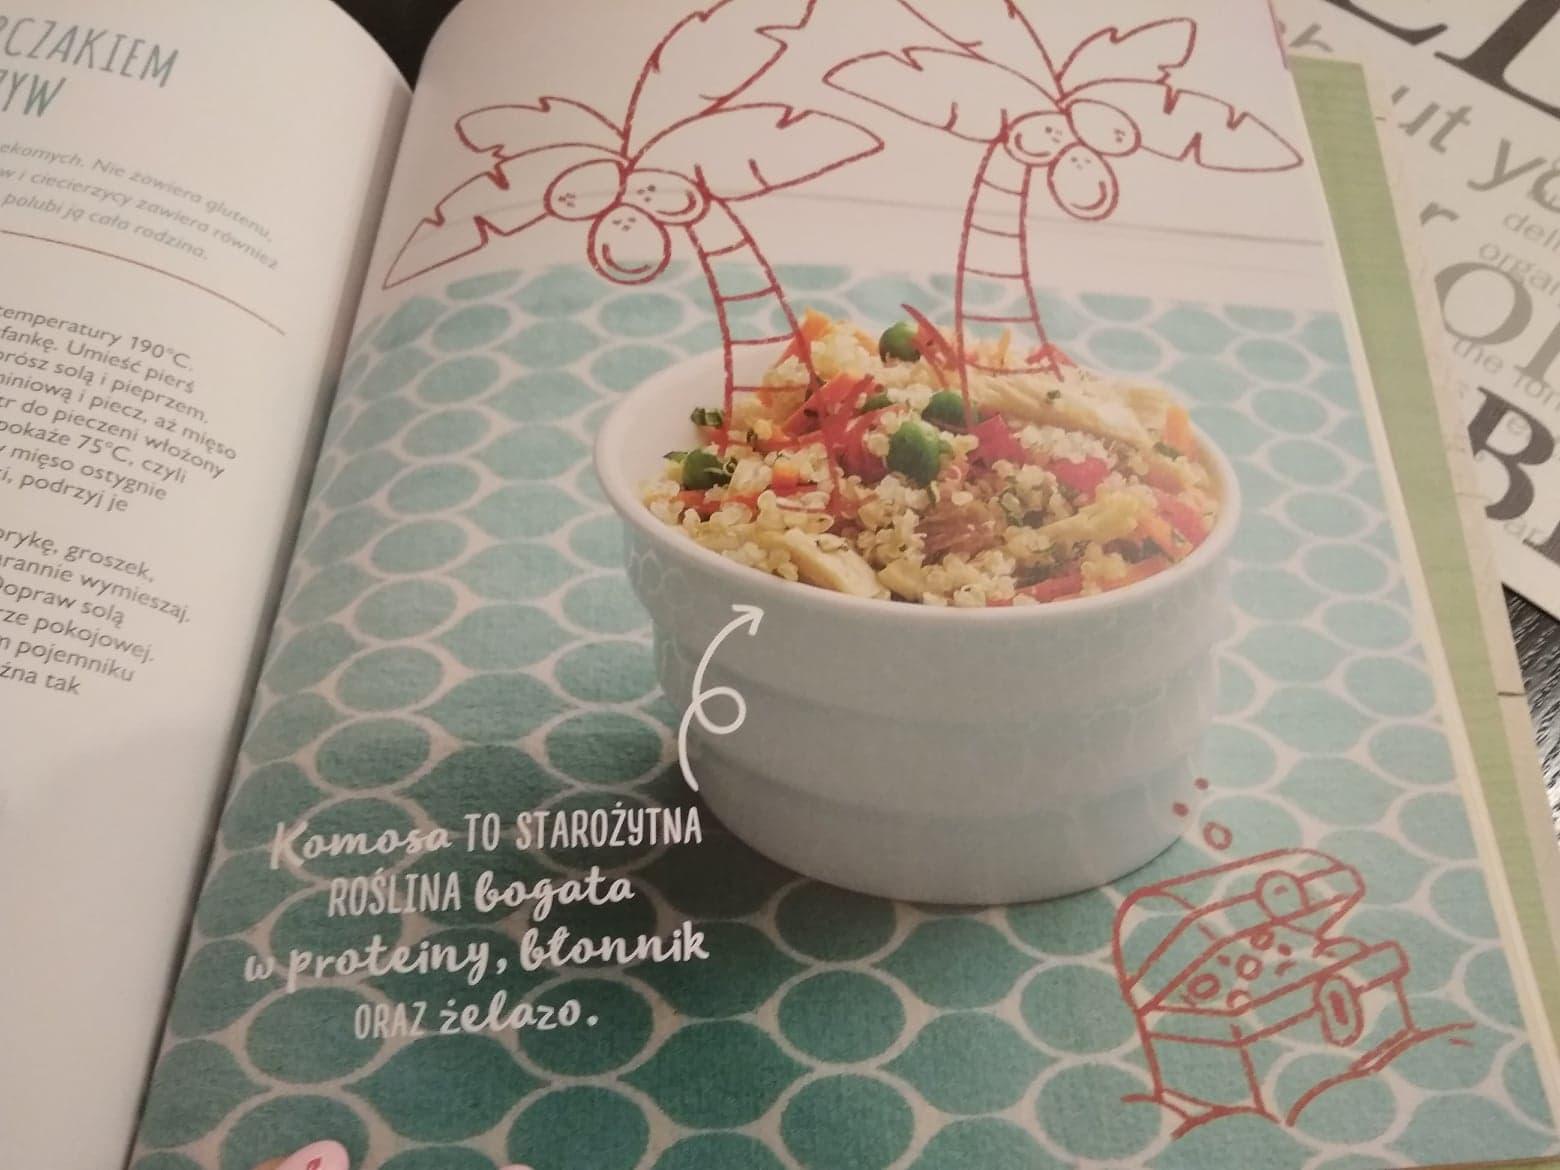 zdrowa kuchnia bobasów i brzdąców